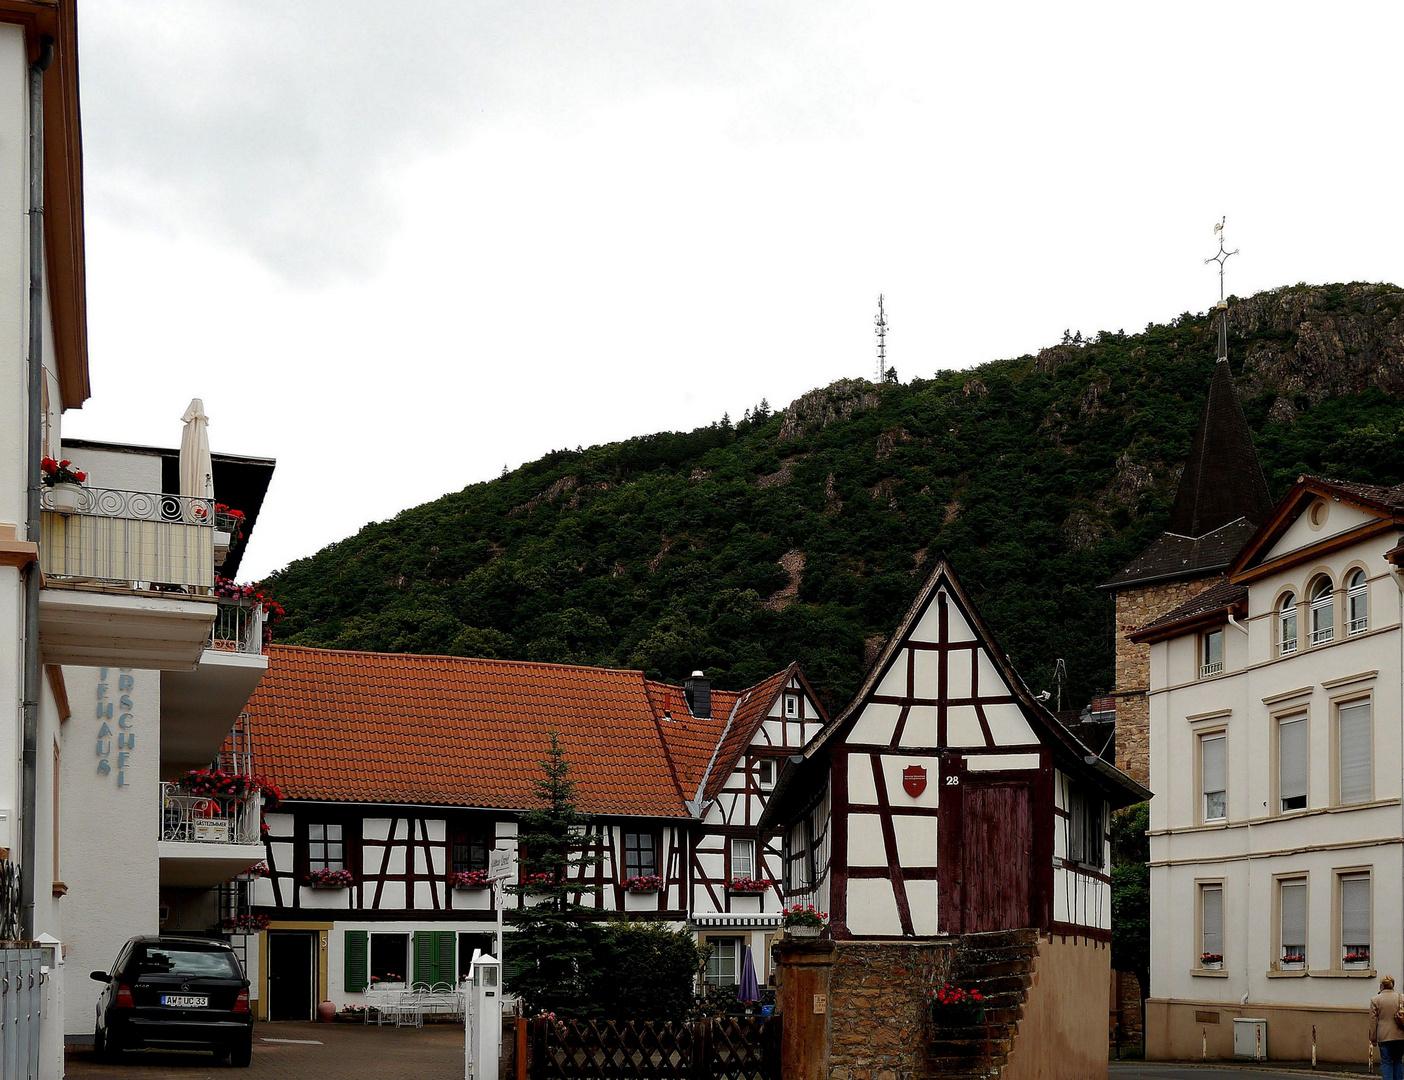 Hexenhäuschen in Bad Münster am Stein.